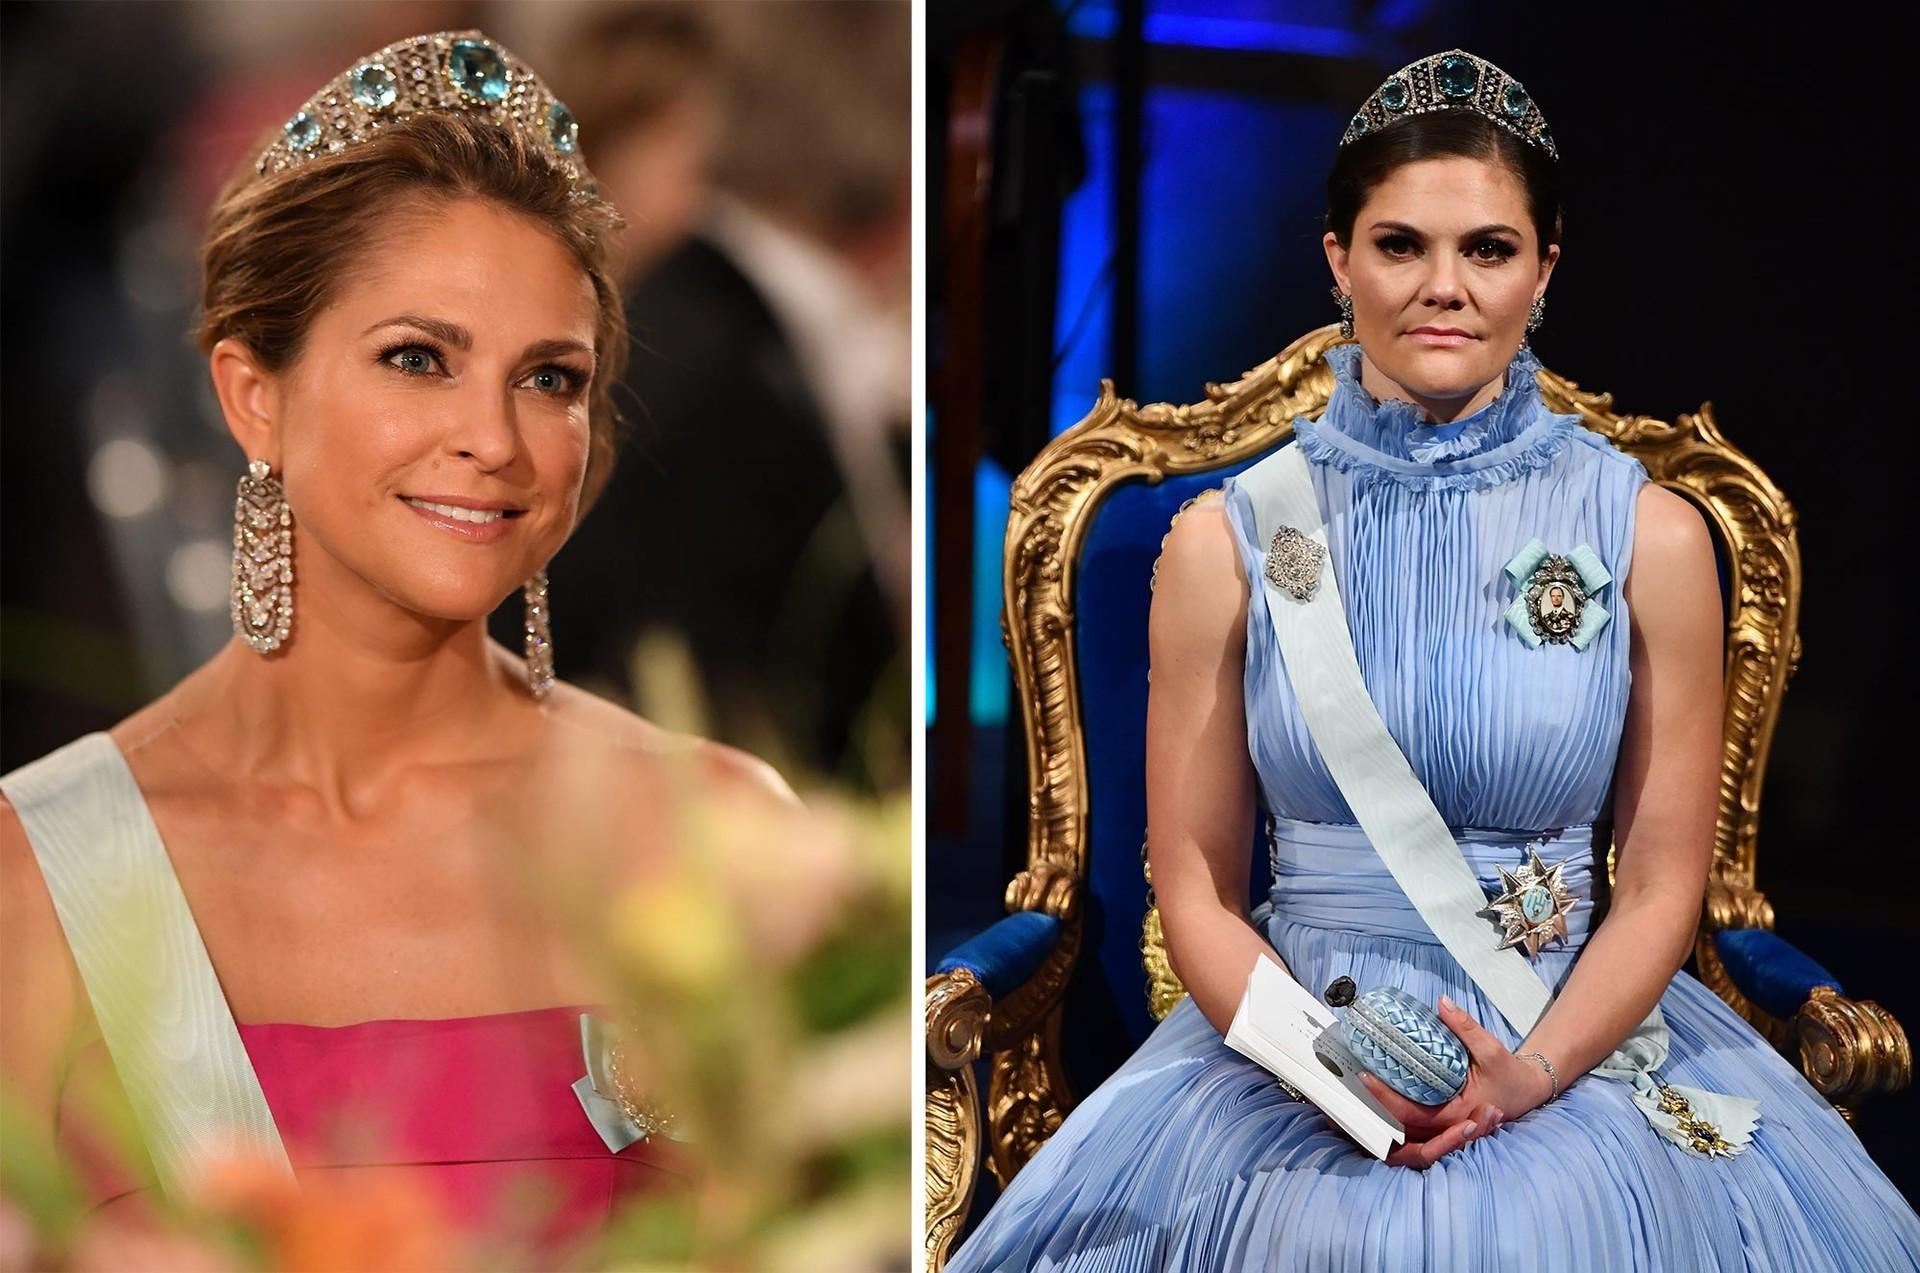 Princesa Madalena participa de Banquete do Prêmio Nobel em 10 de dezembro de 2019, em Estocolmo; princesa Vitória comparece à cerimônia de entrega do Prêmio Nobel em 10 de dezembro de 2017, em Estocolmo